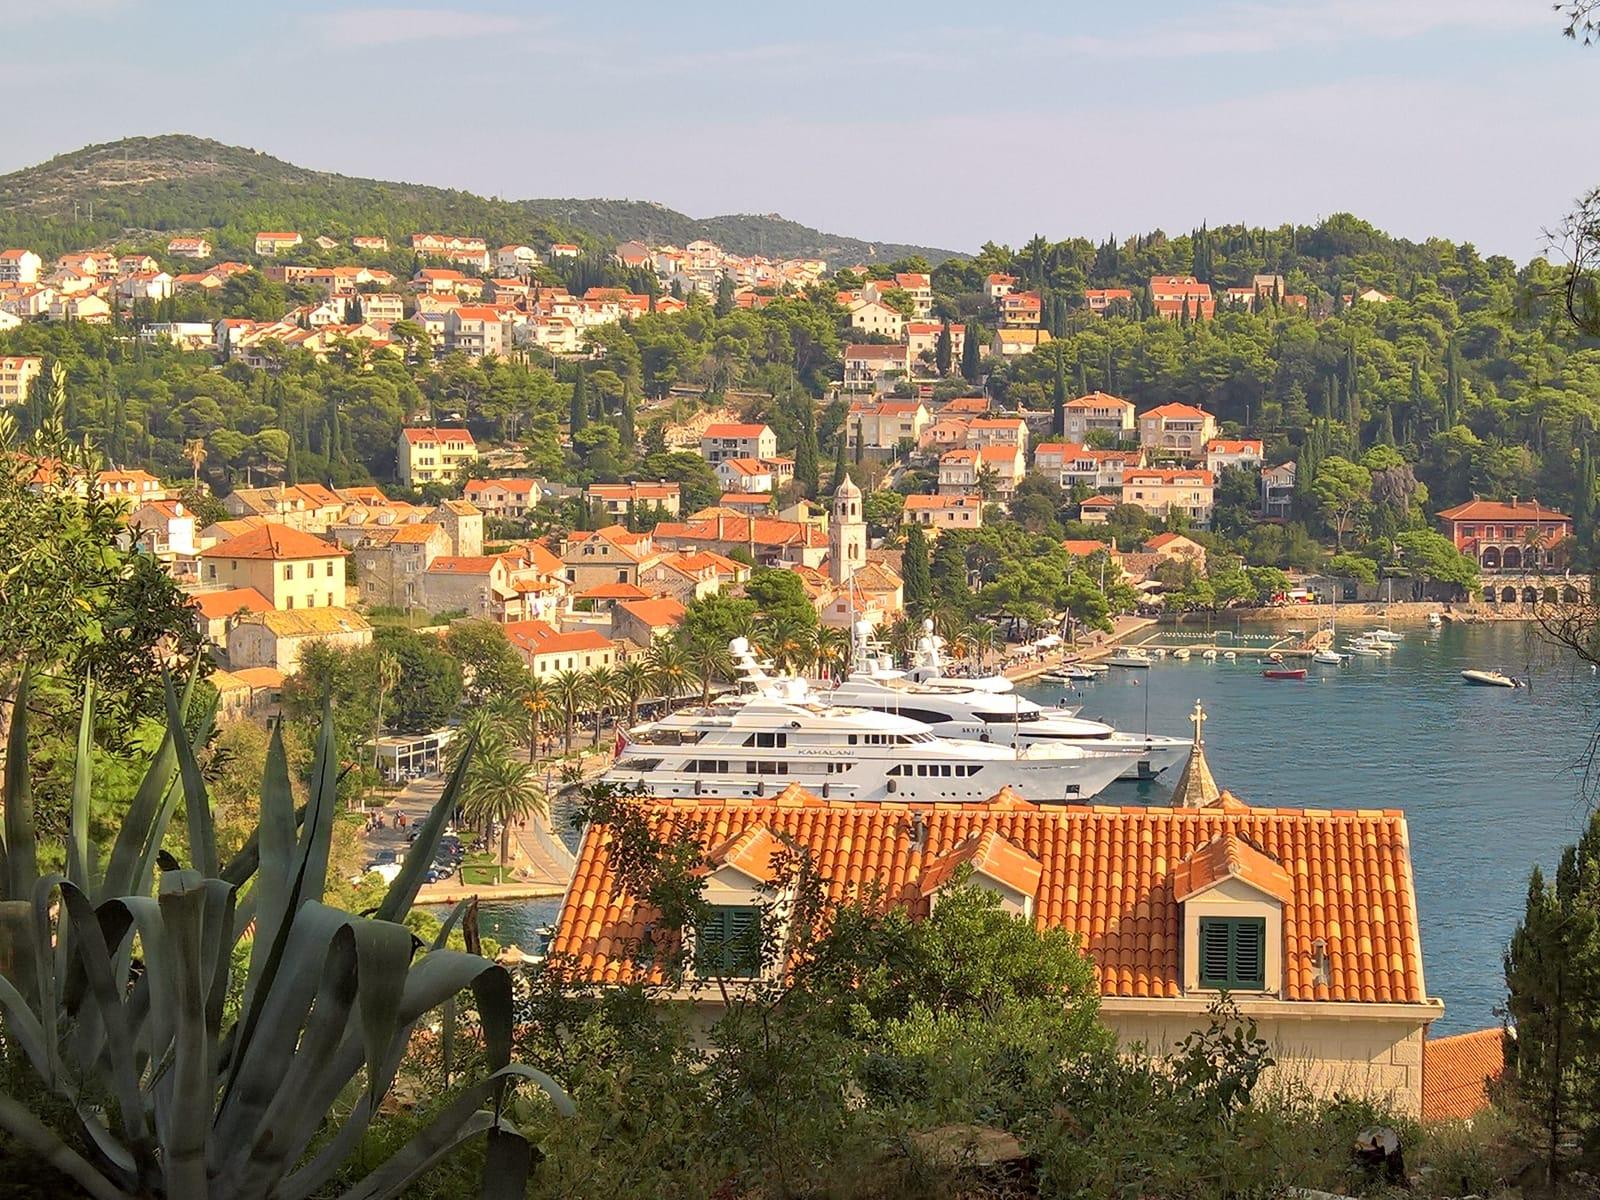 Viaggio a Dubrovnik: a Cavtat per una questione di libri e non solo